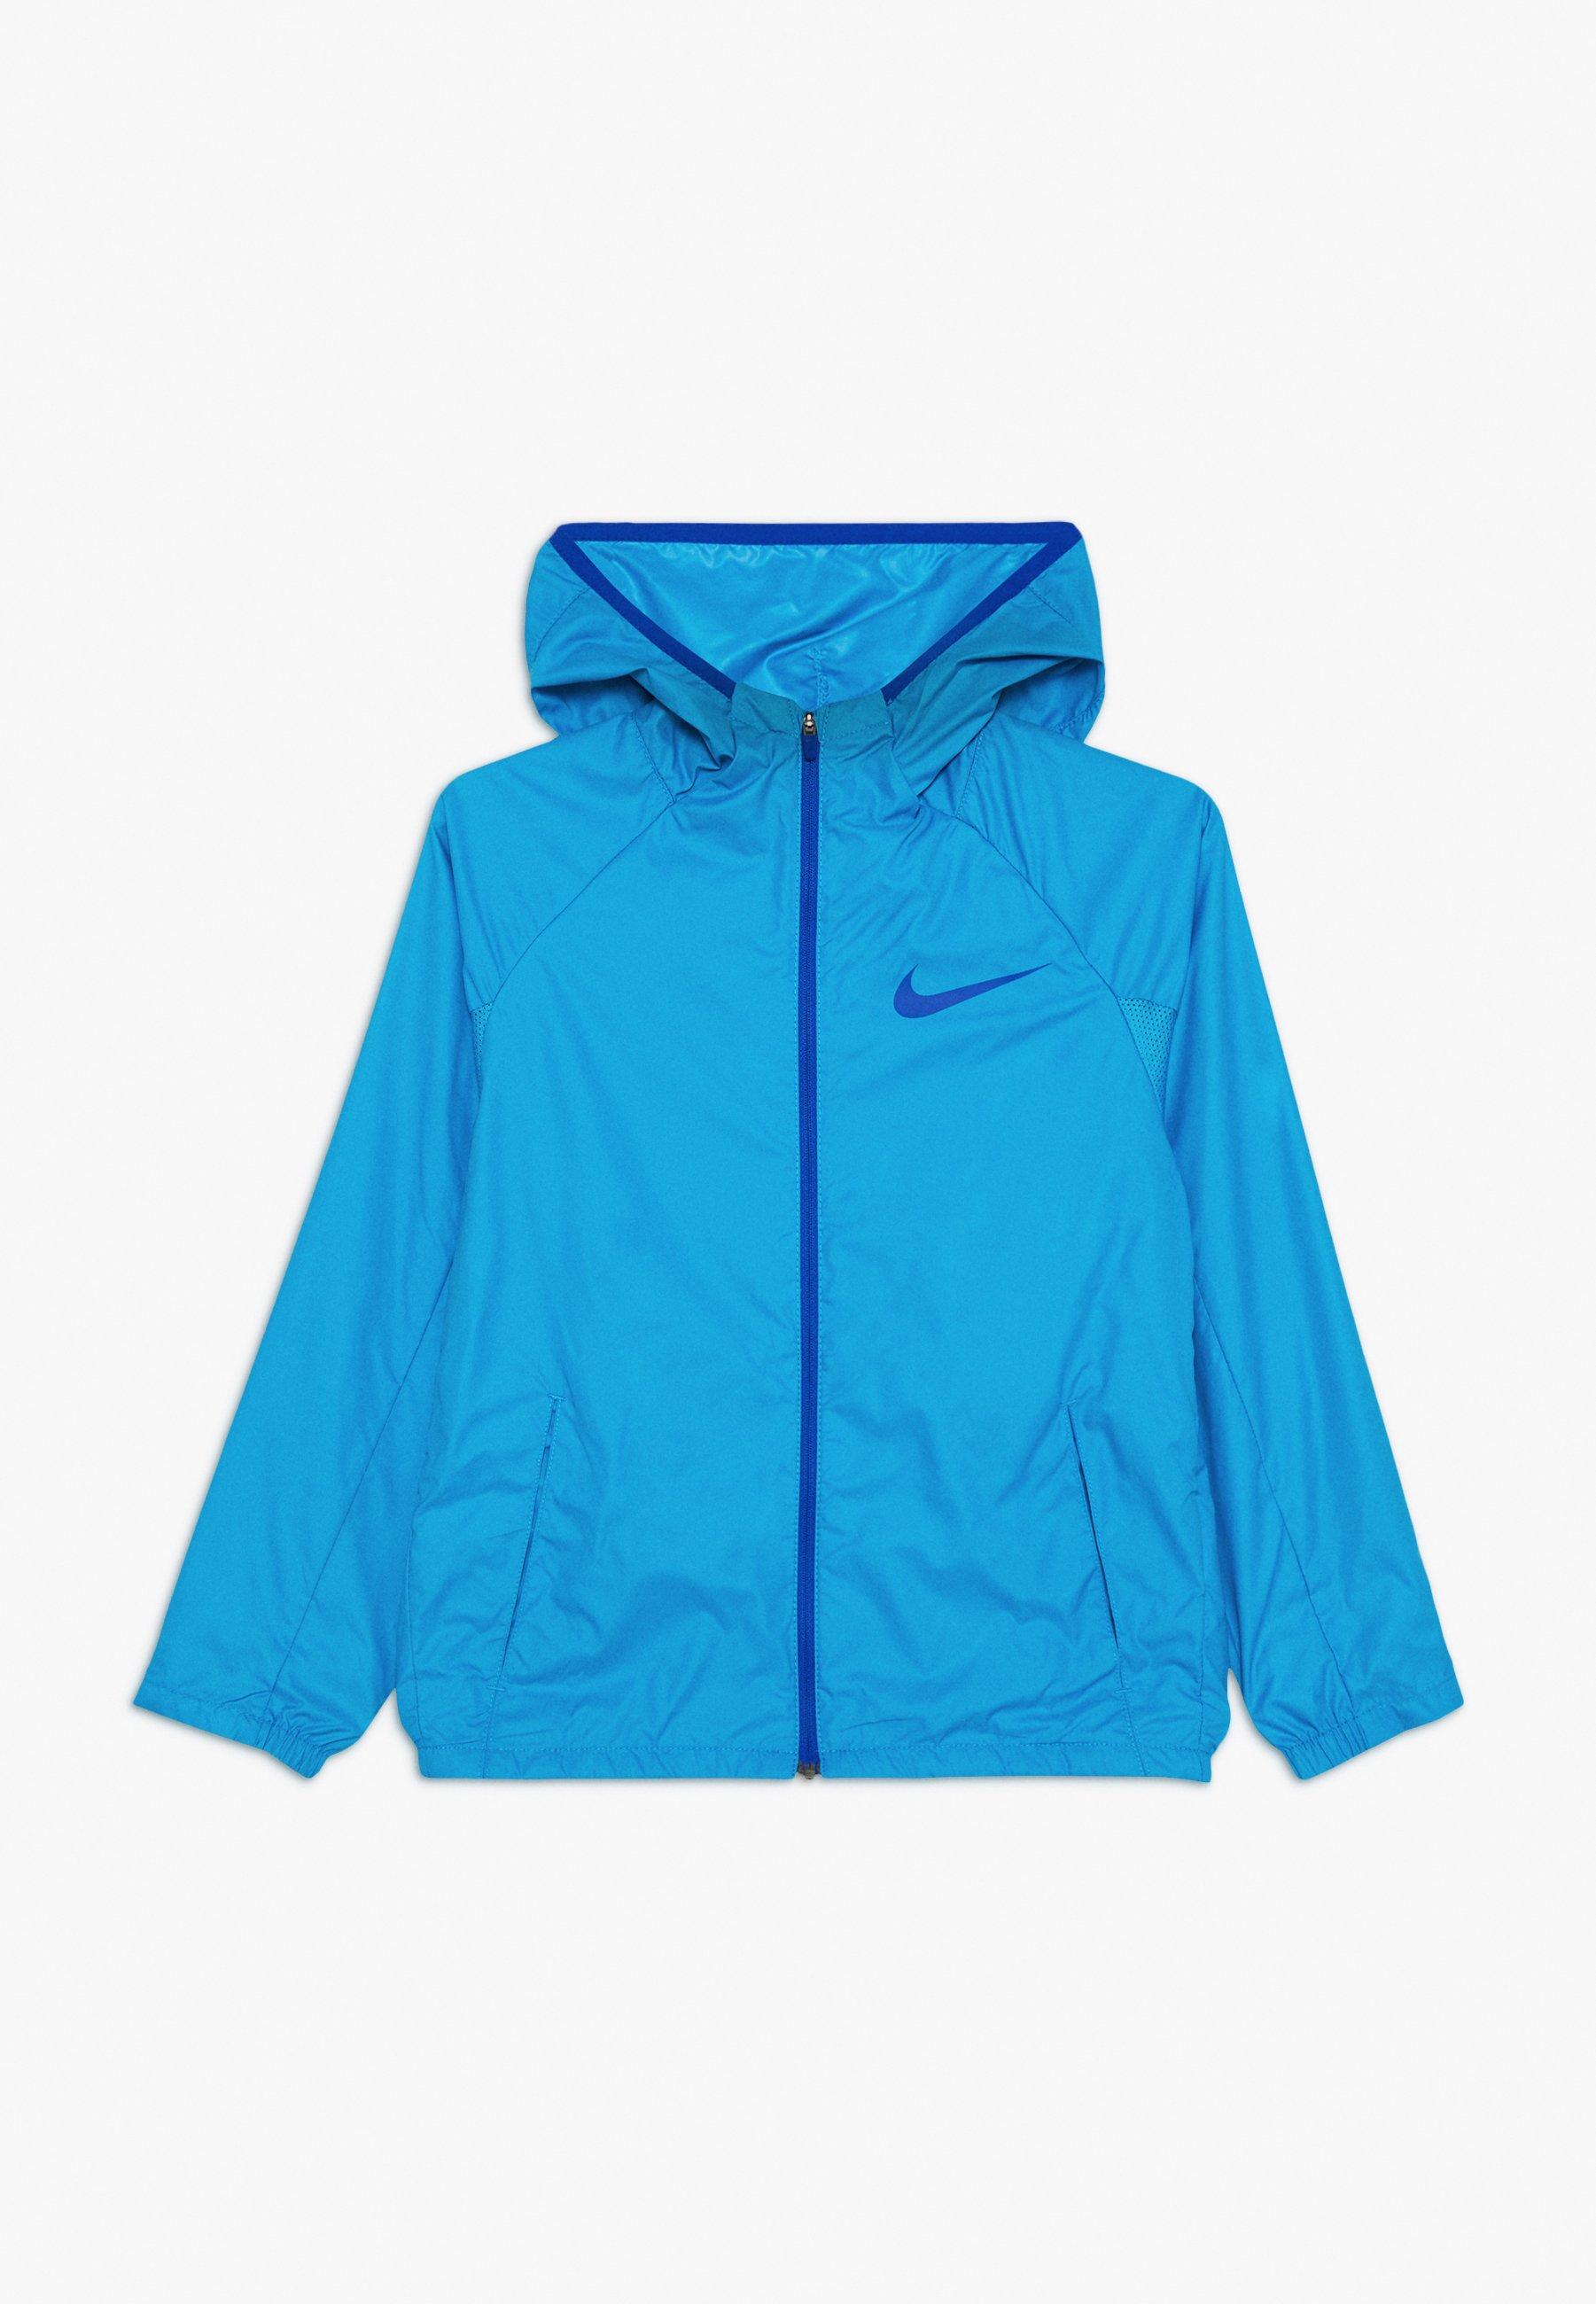 Nike Performance SPORT JACKET - Wiatrówka - laser blue/game royal - Ubranka dla dzieci